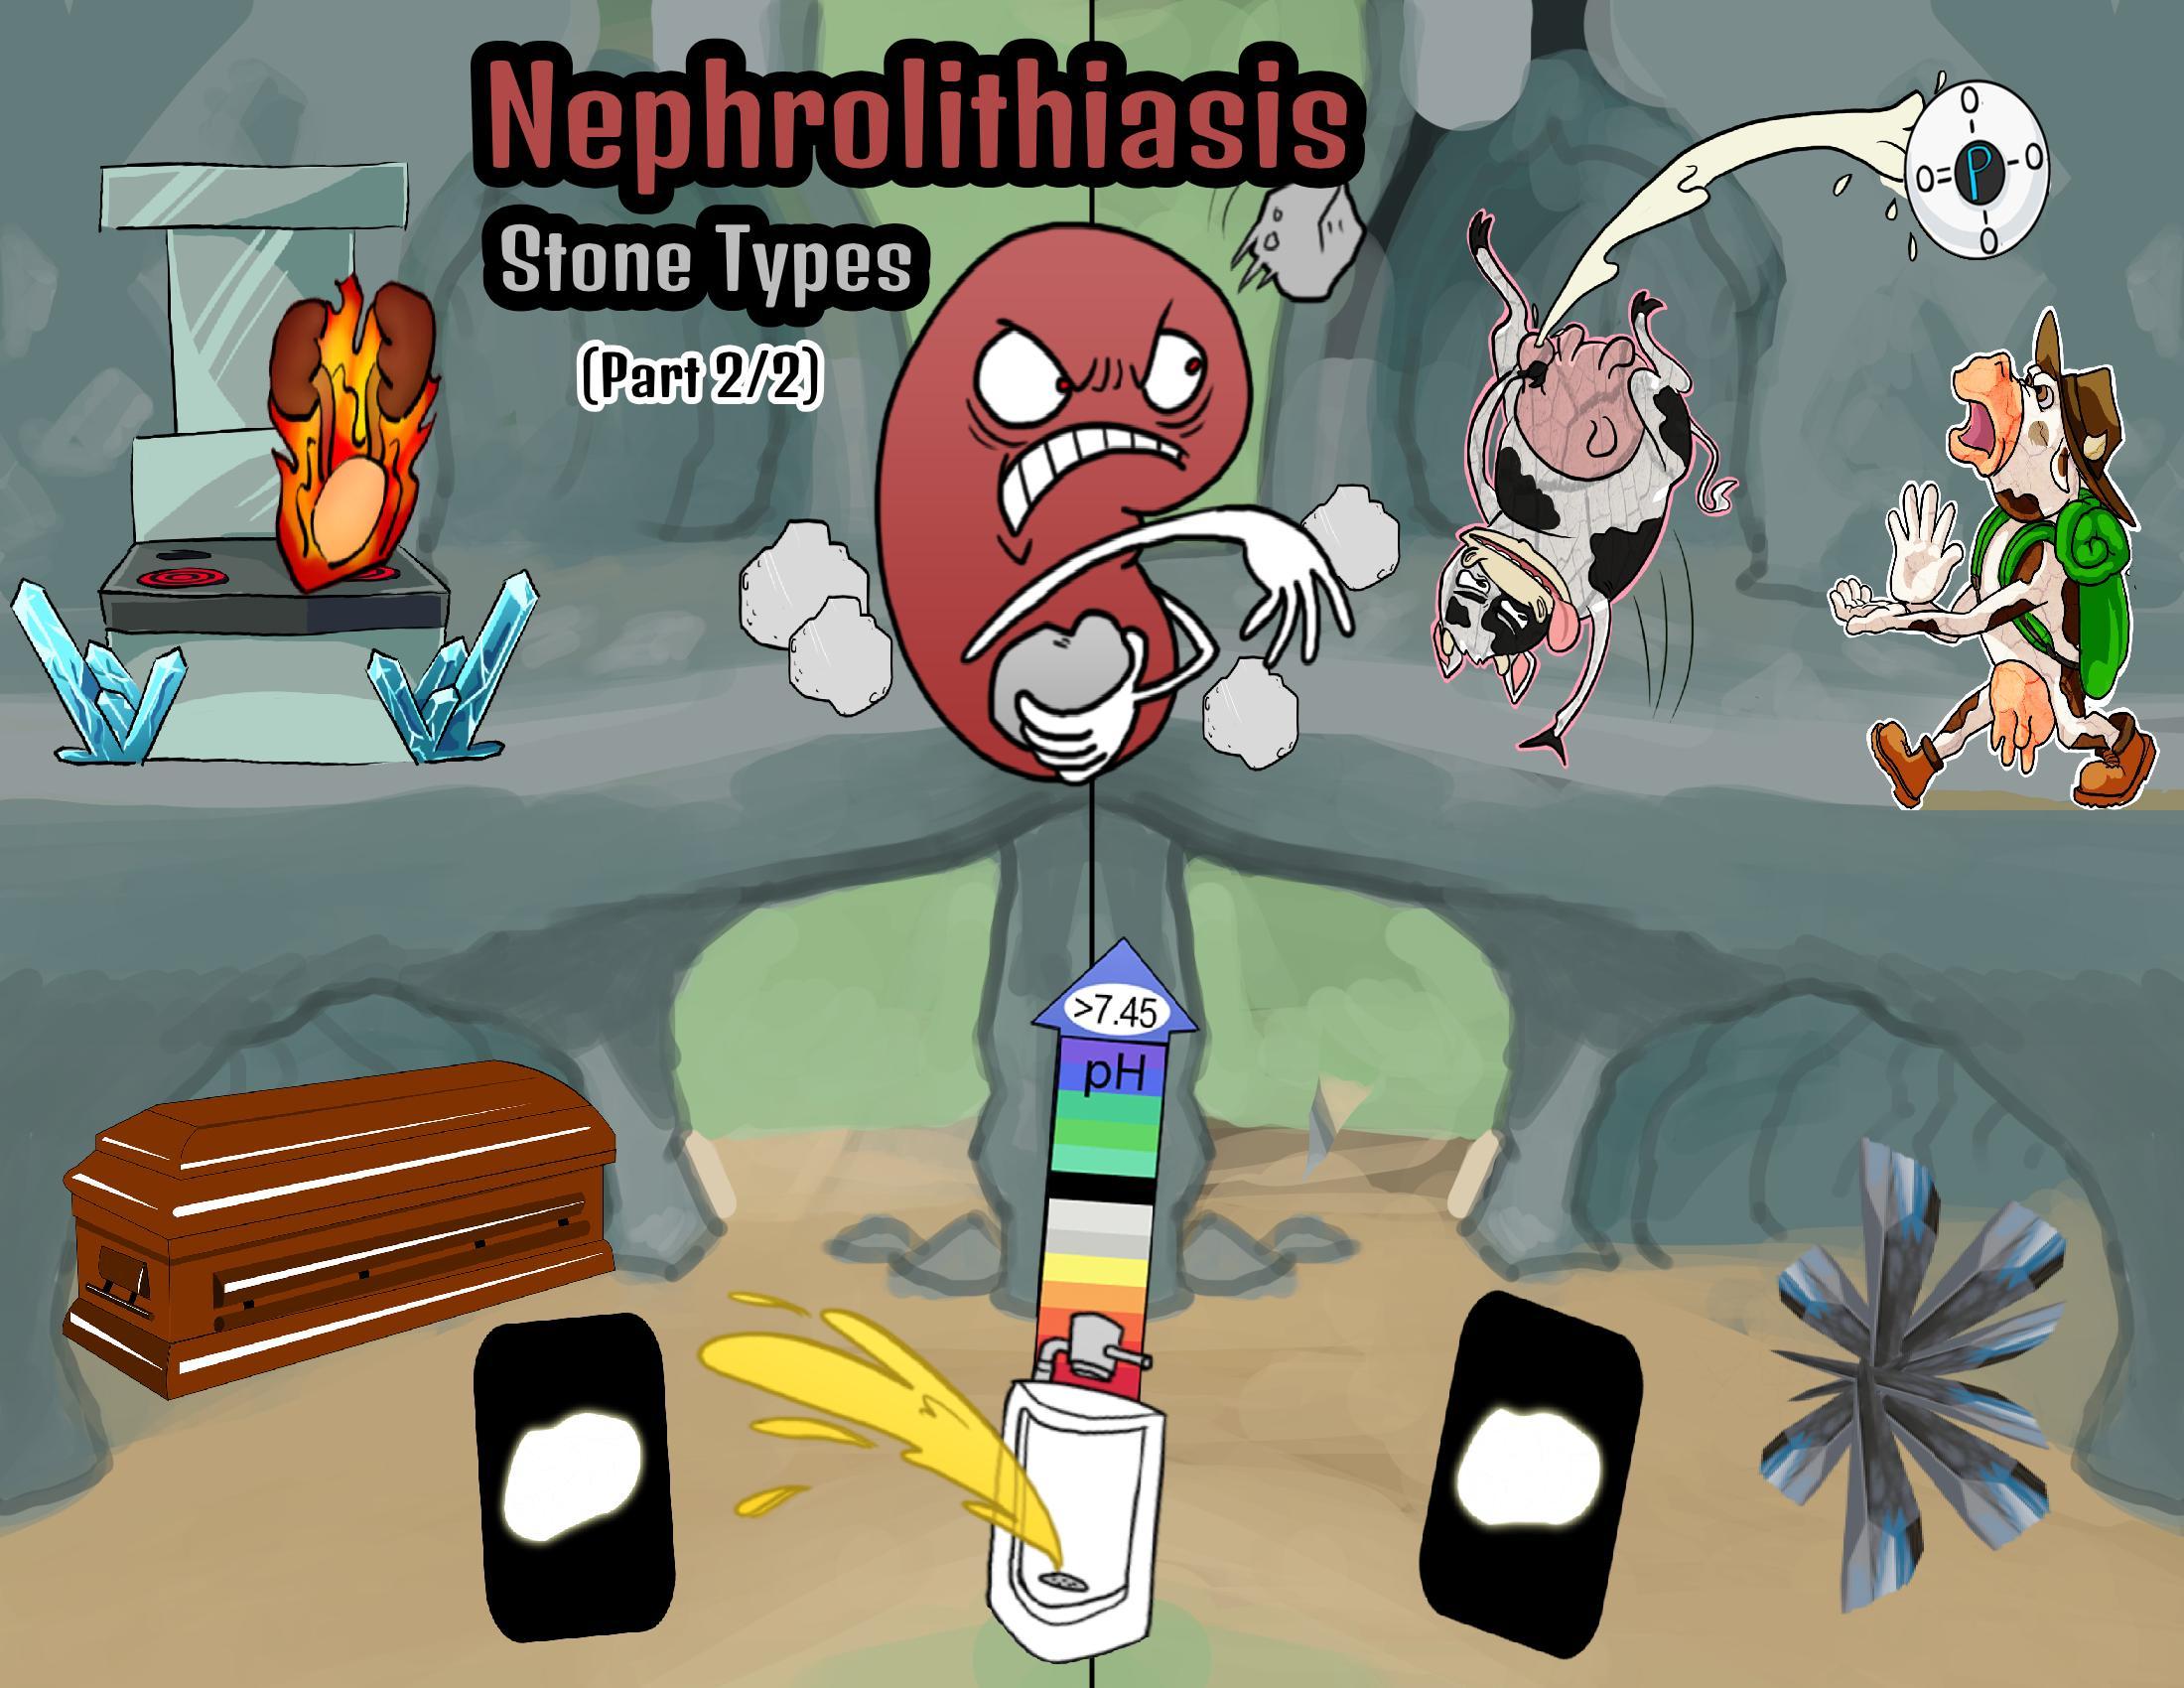 Nephrolithiasis Stone Types (Part 2/2)